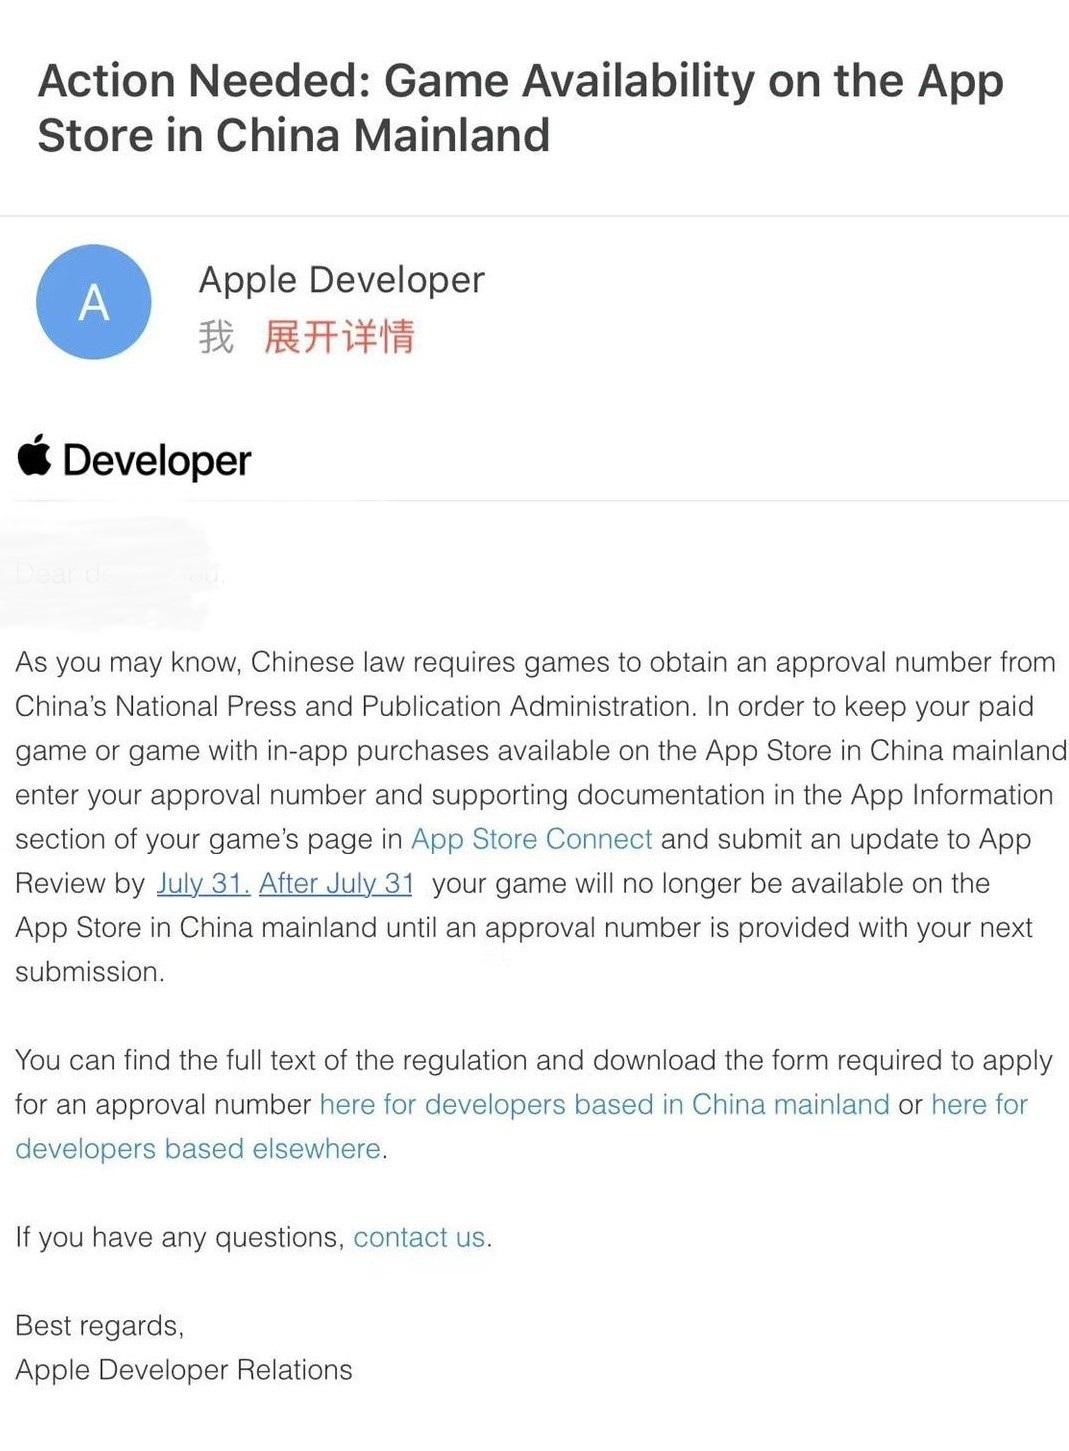 苹果向手游开发者下发通知,7月31日是提交版号的最终期限